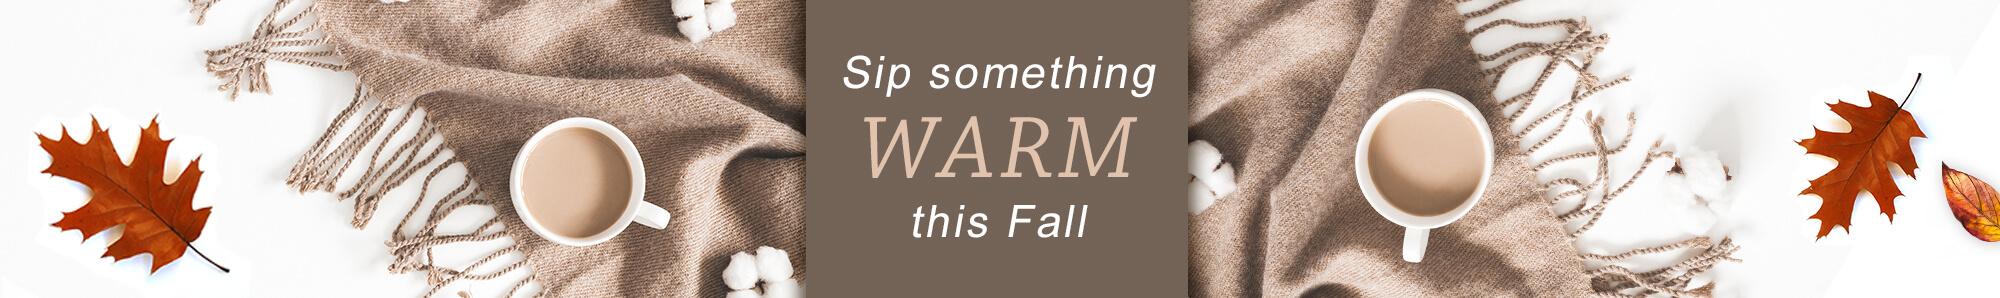 sip something warm